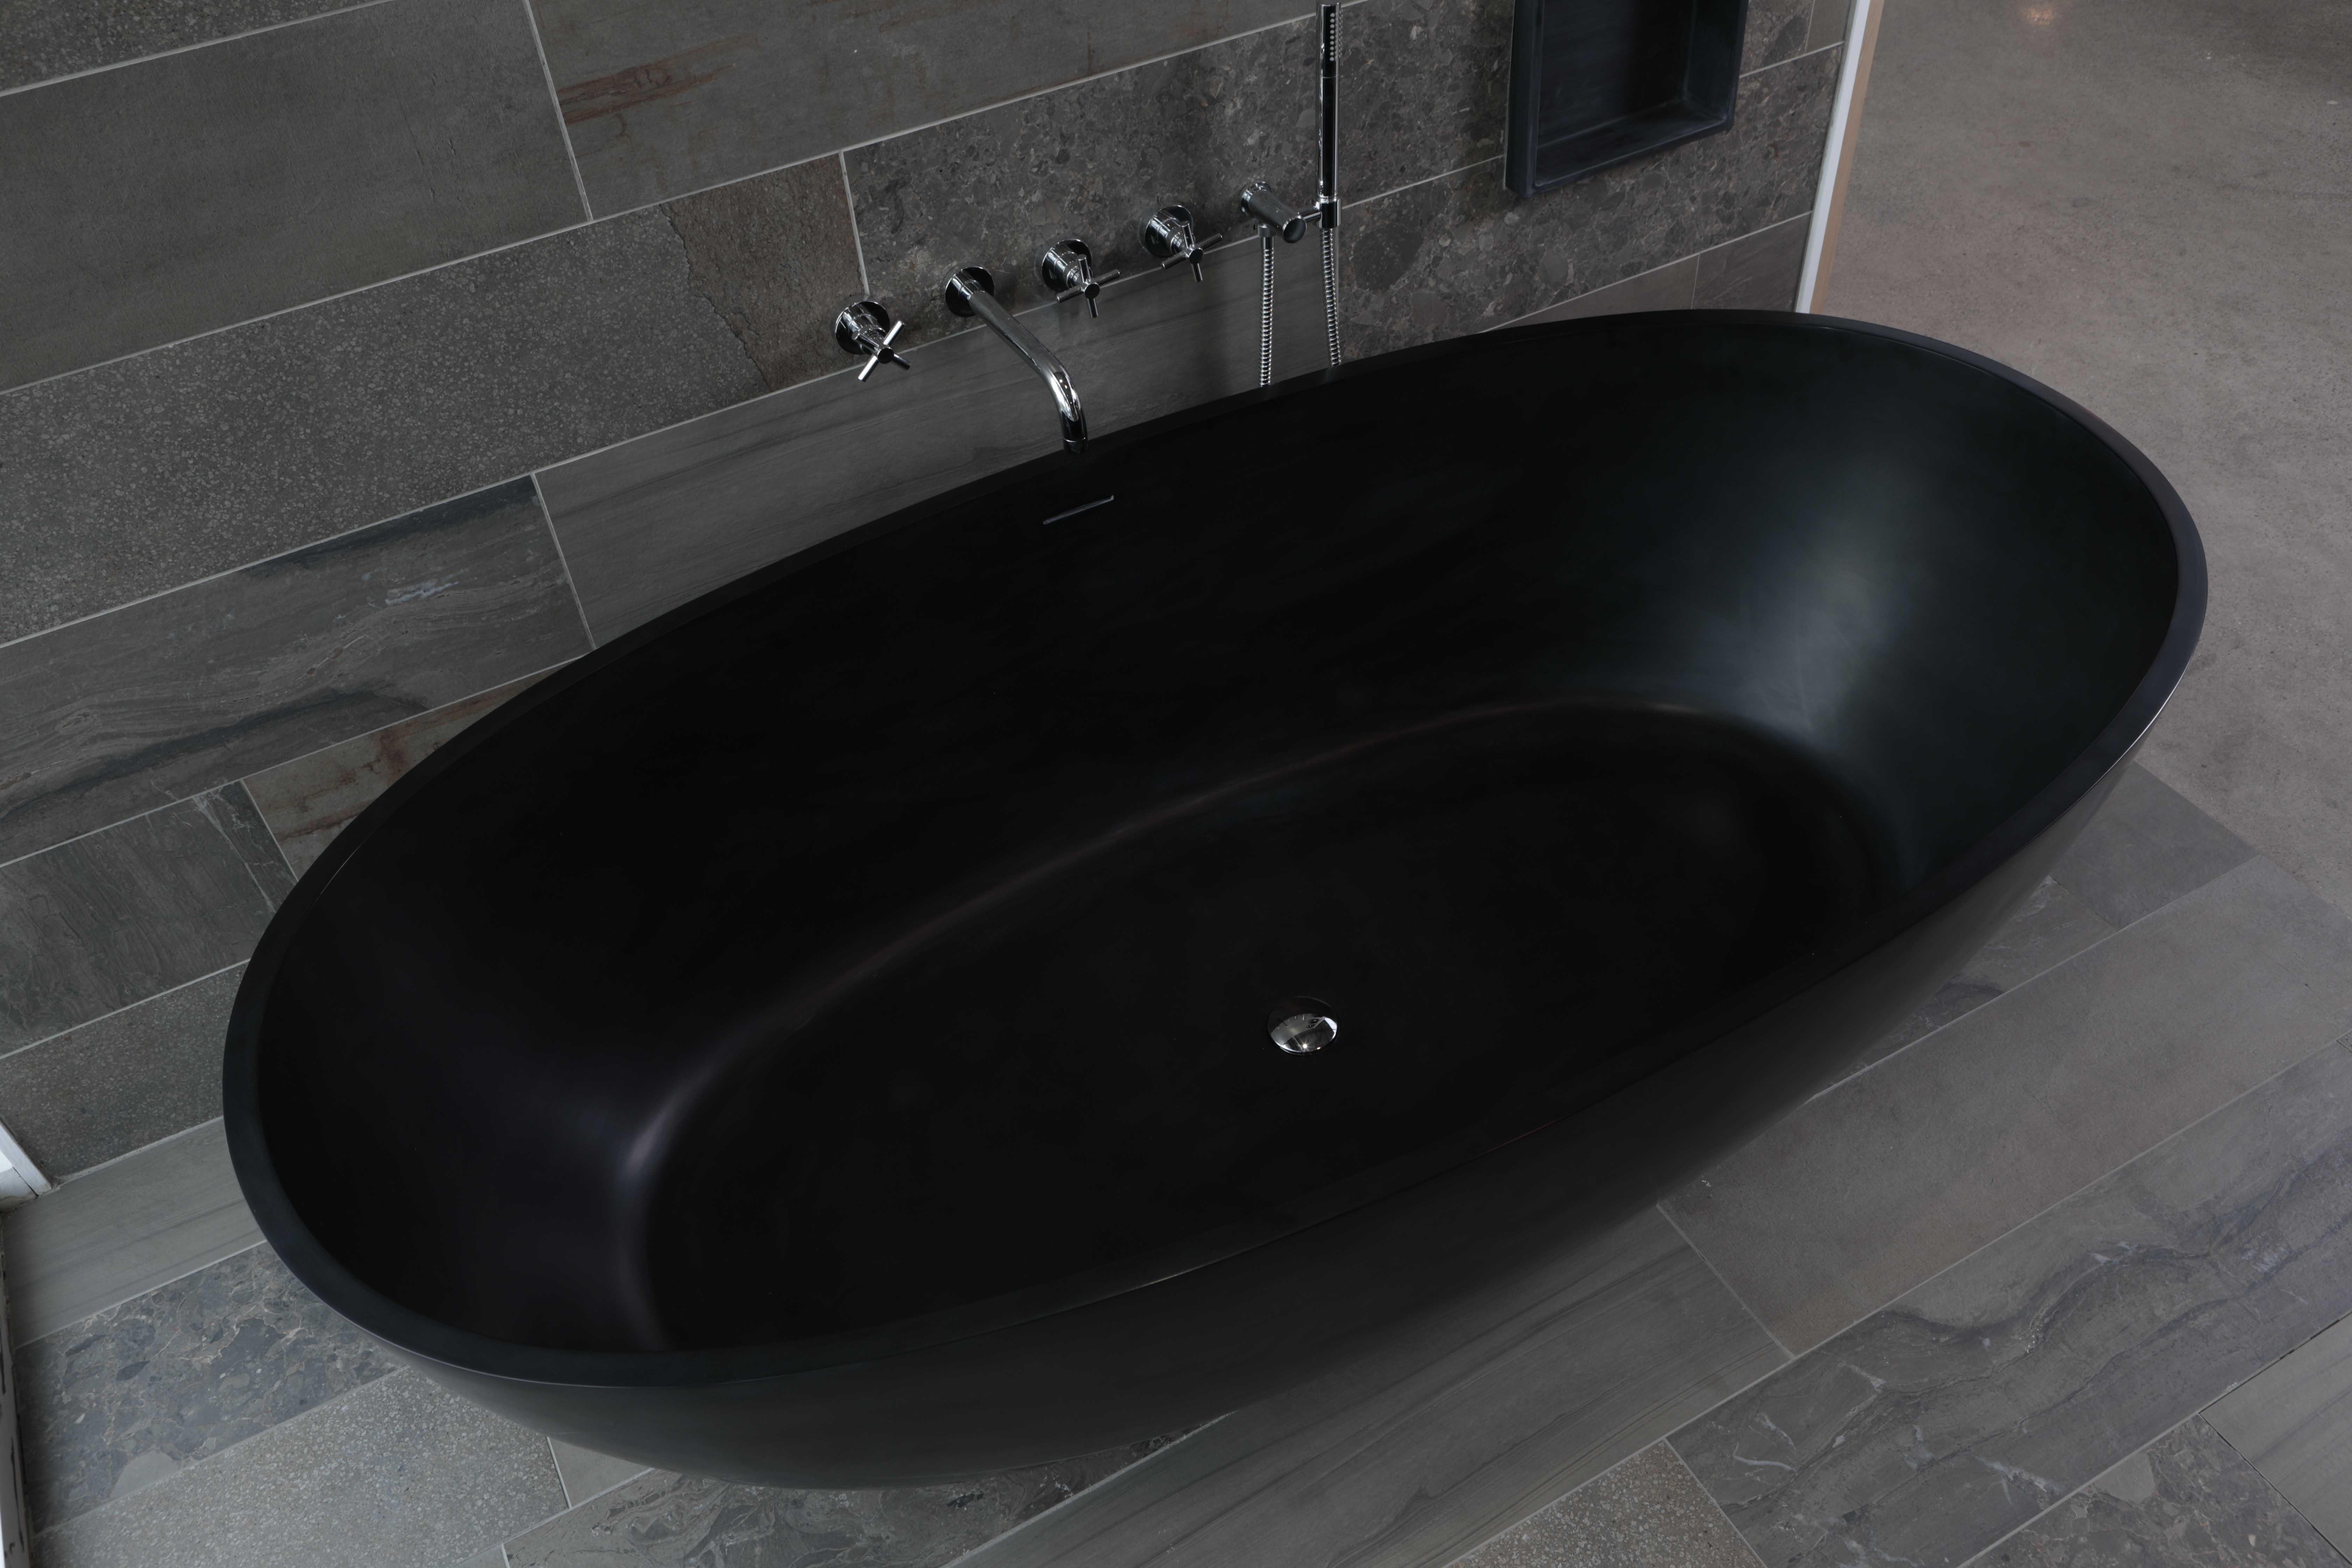 Gespot vrijstaand bad in prachtige antraciet kleur nieuws startpagina voor badkamer idee n - Badkamer meubilair merk italiaans ...